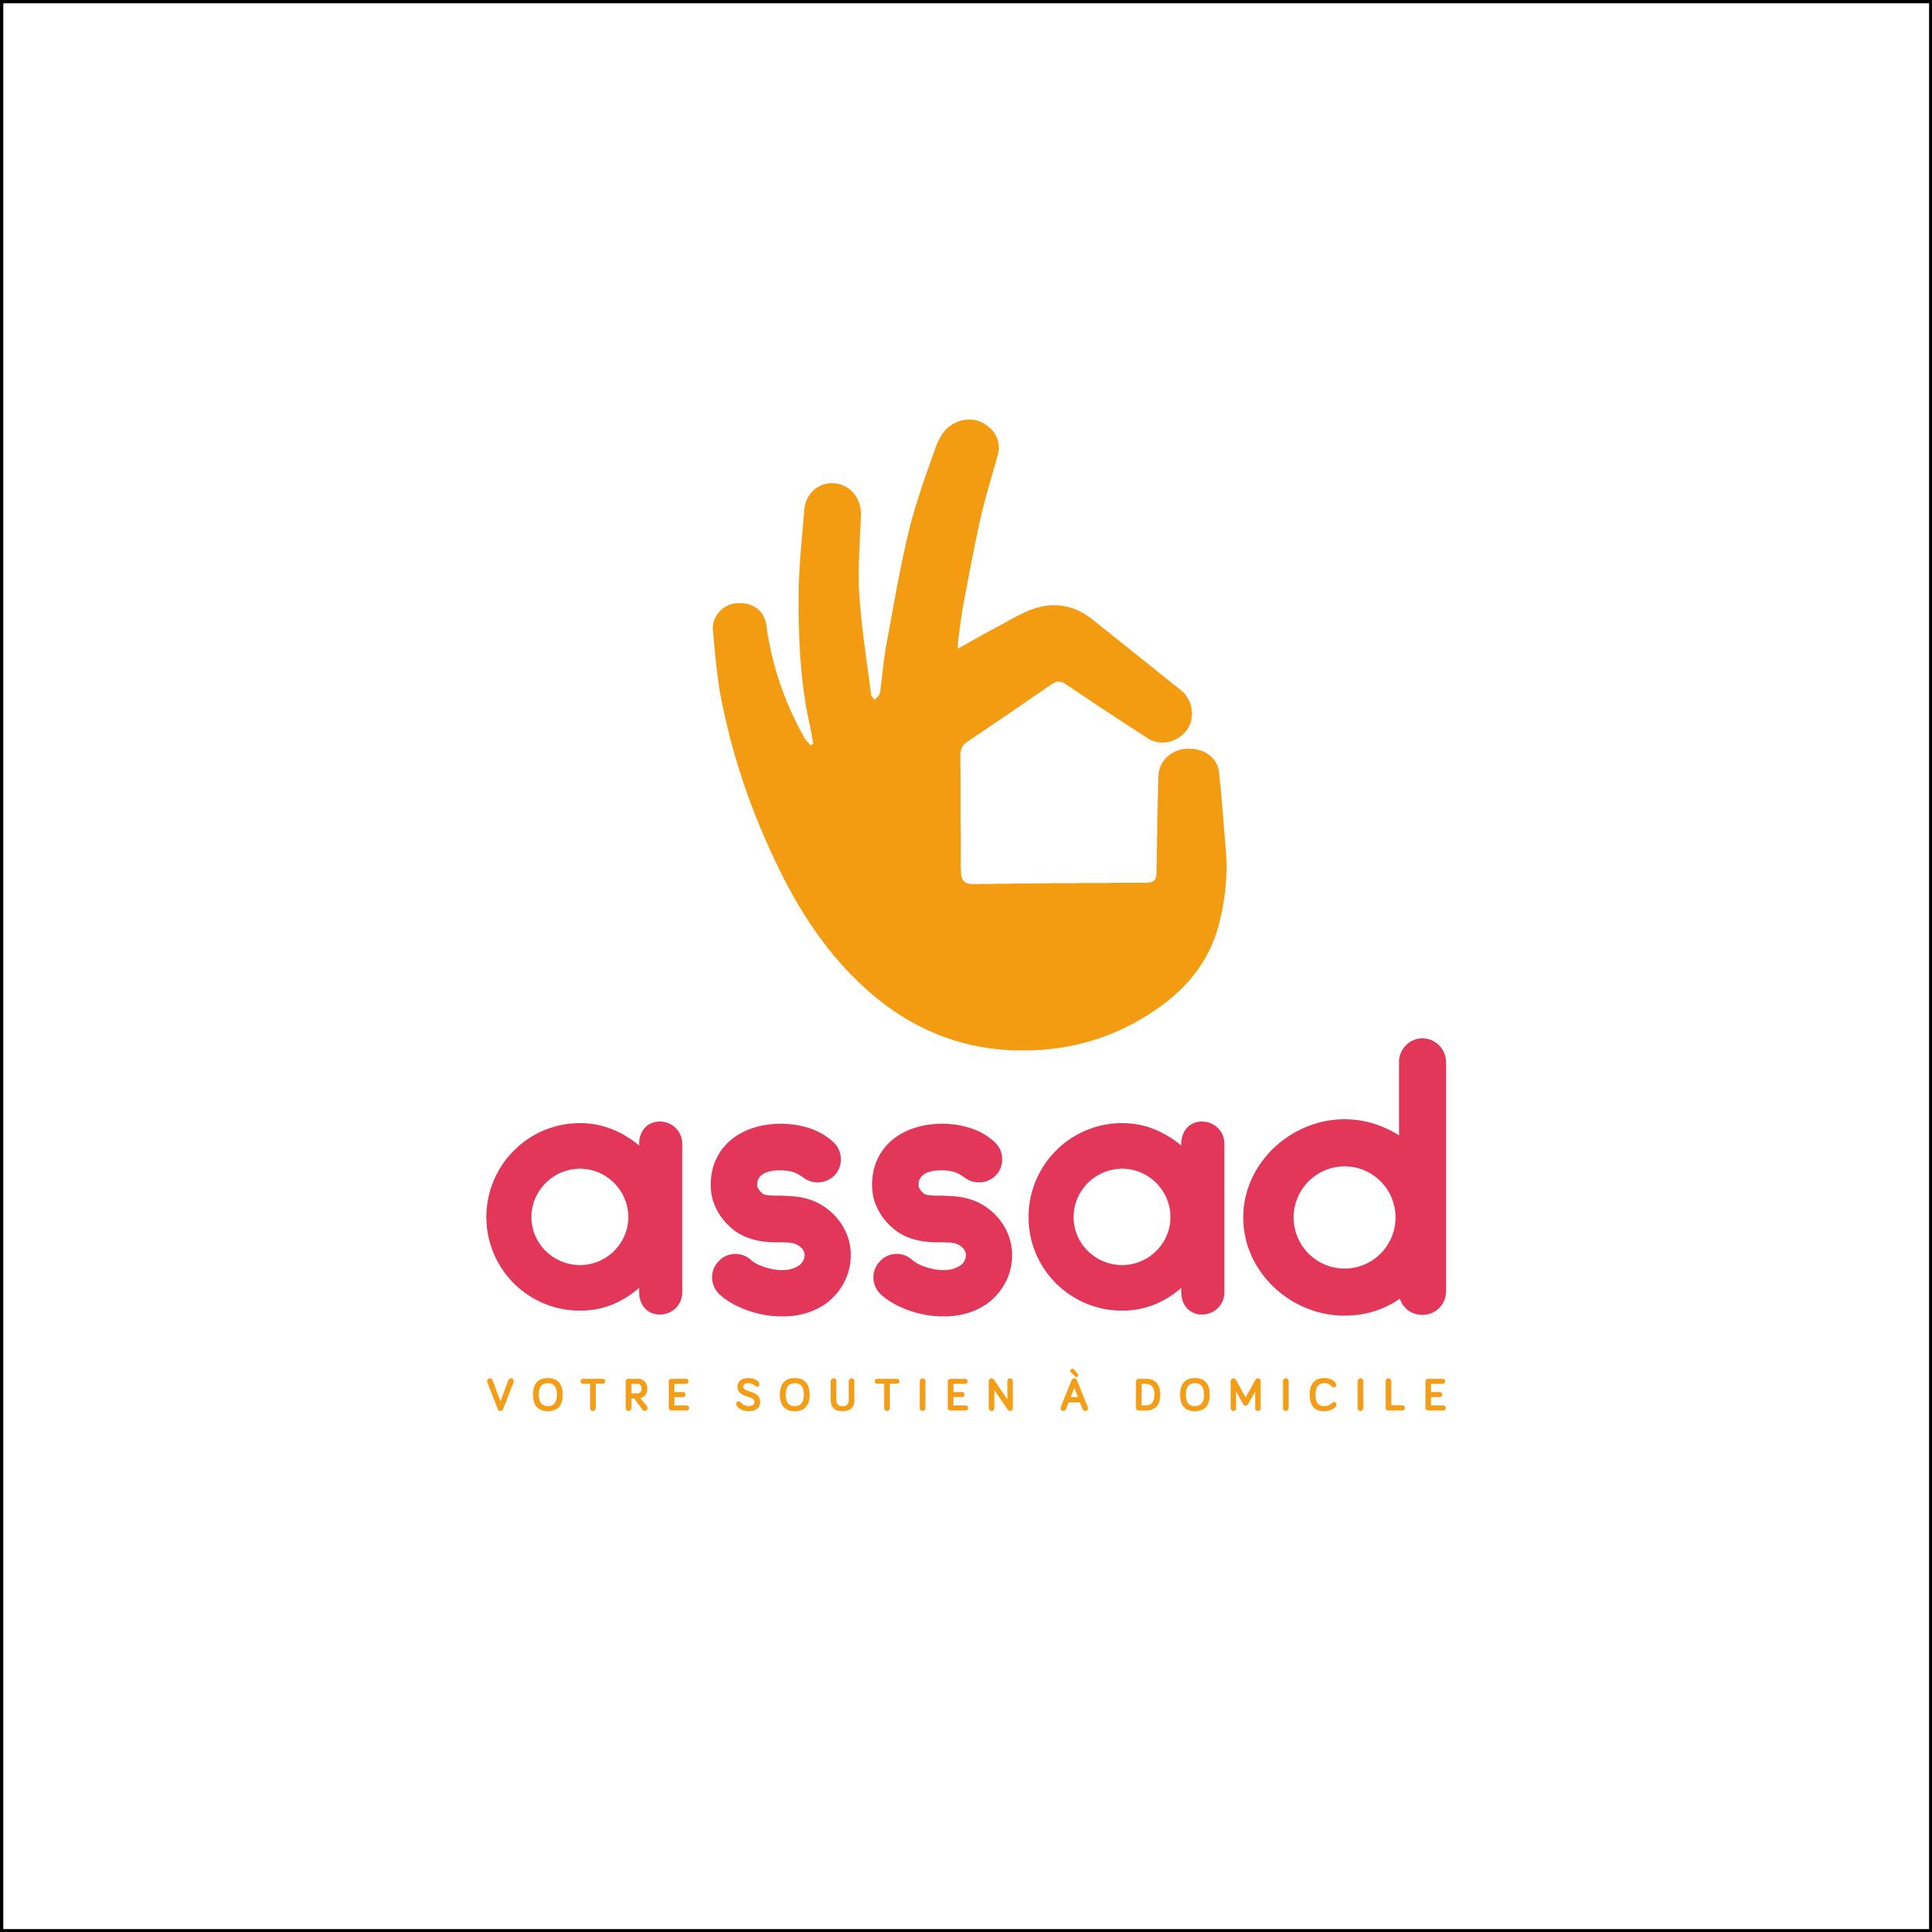 AIDE A DOMICILE : l'ASSAD Val de Saône et l'ASSAD de Mâcon se réunissent